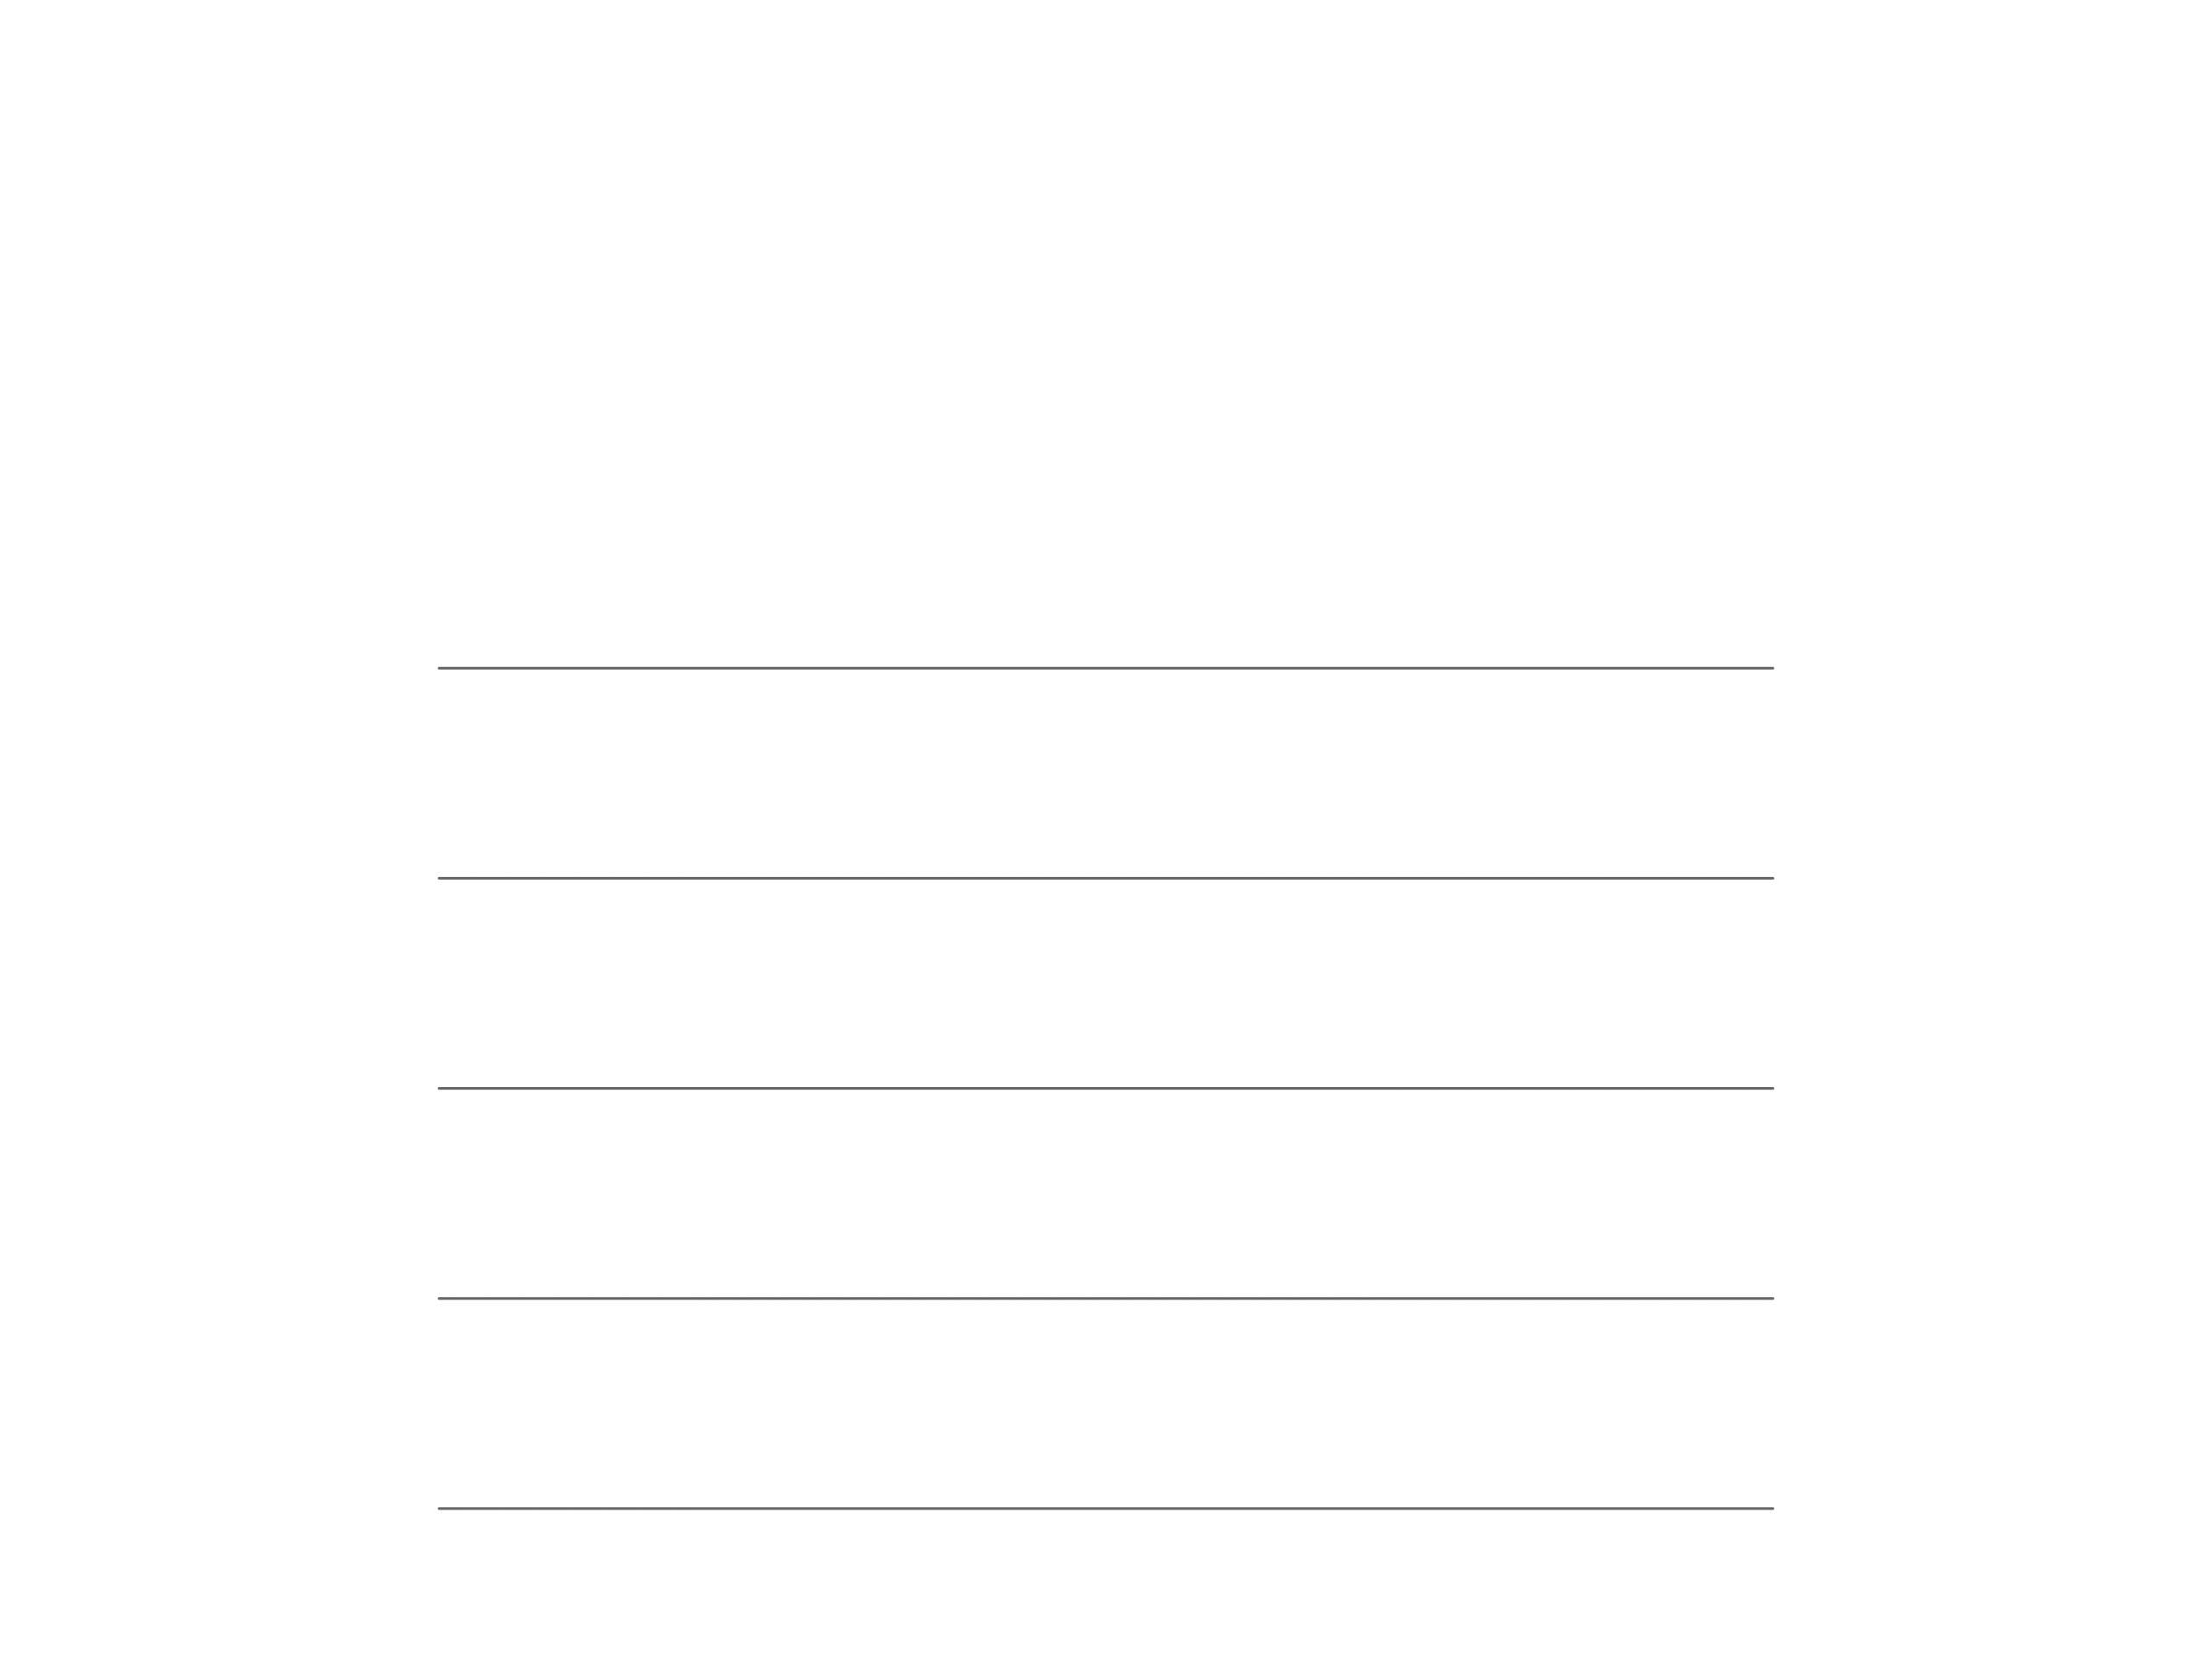 メッセージ画像 メモ 横軸